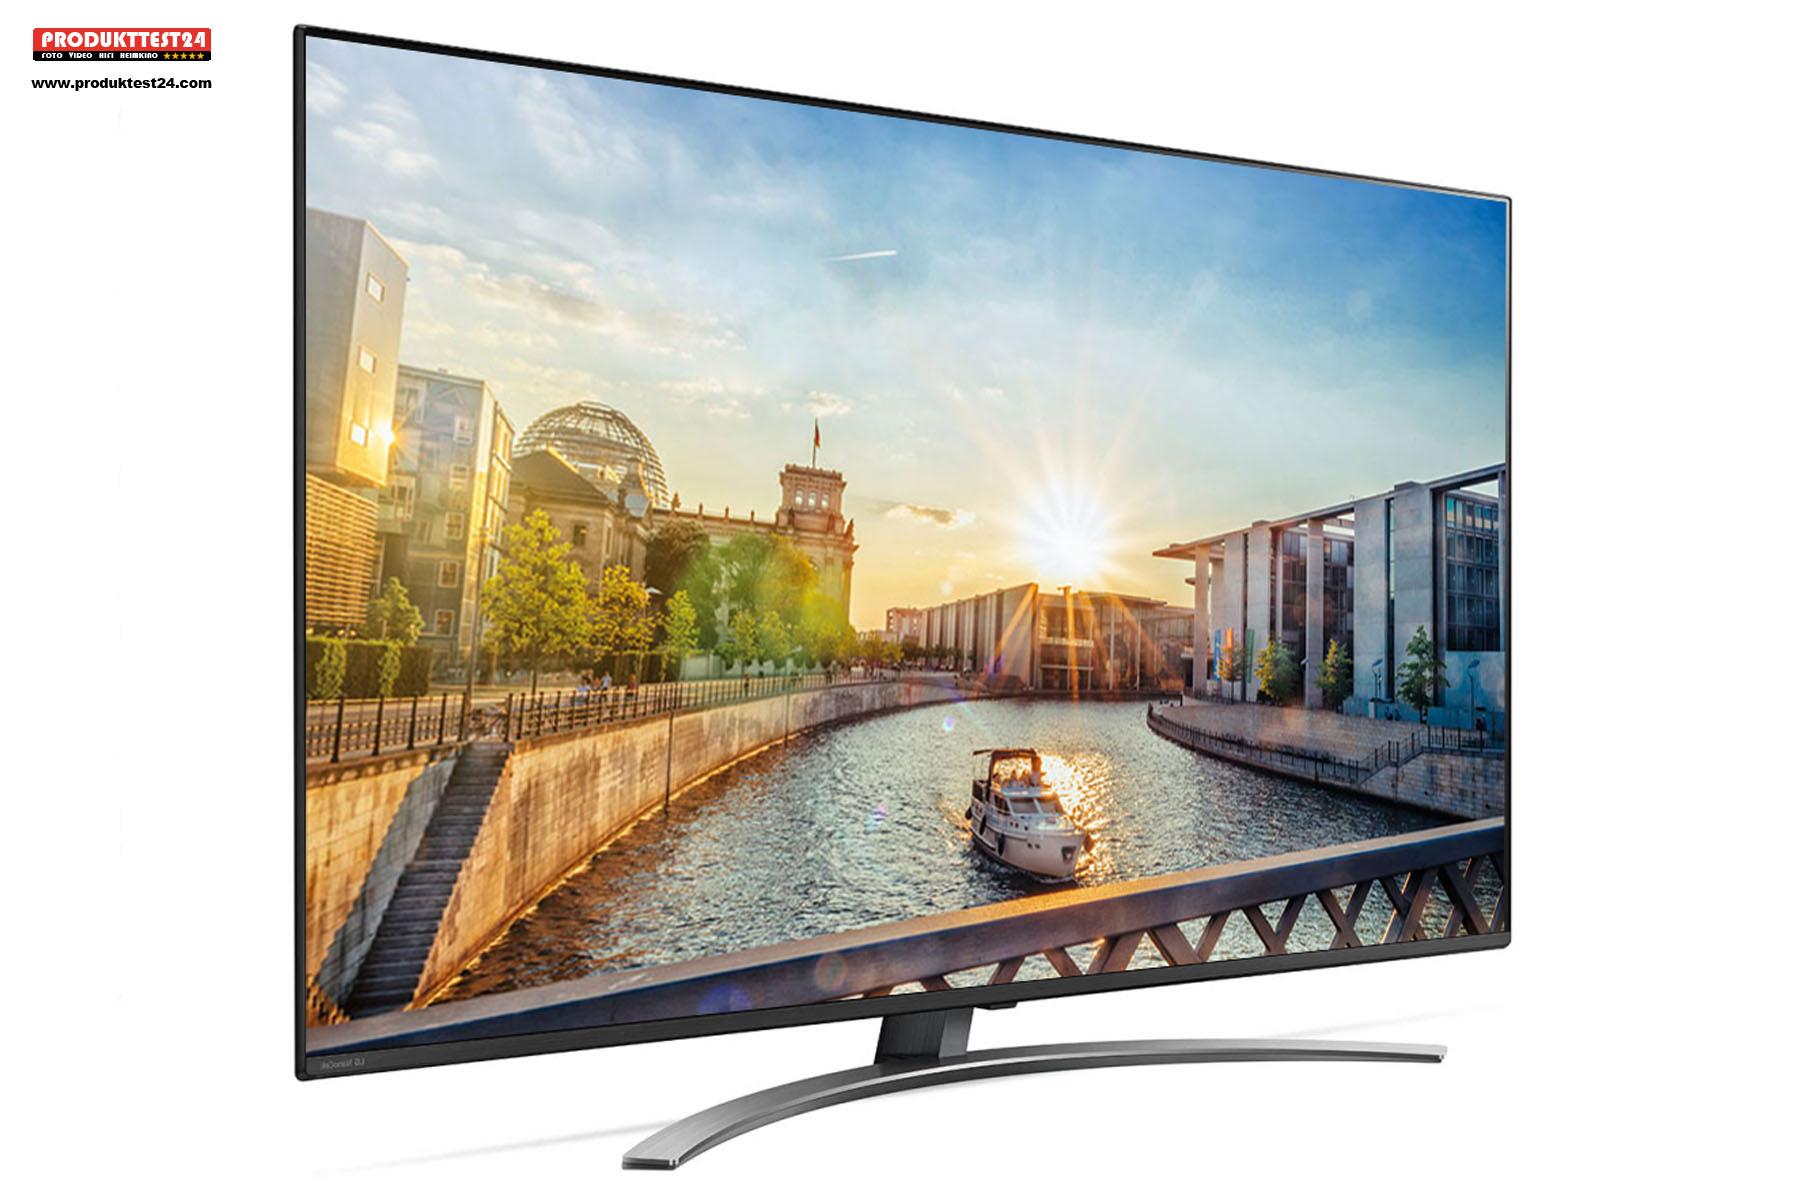 65 Zoll Bilddiagonale, HDR Unterstützung, Triple Tuner und SmartTV mit Sprachsteuerung